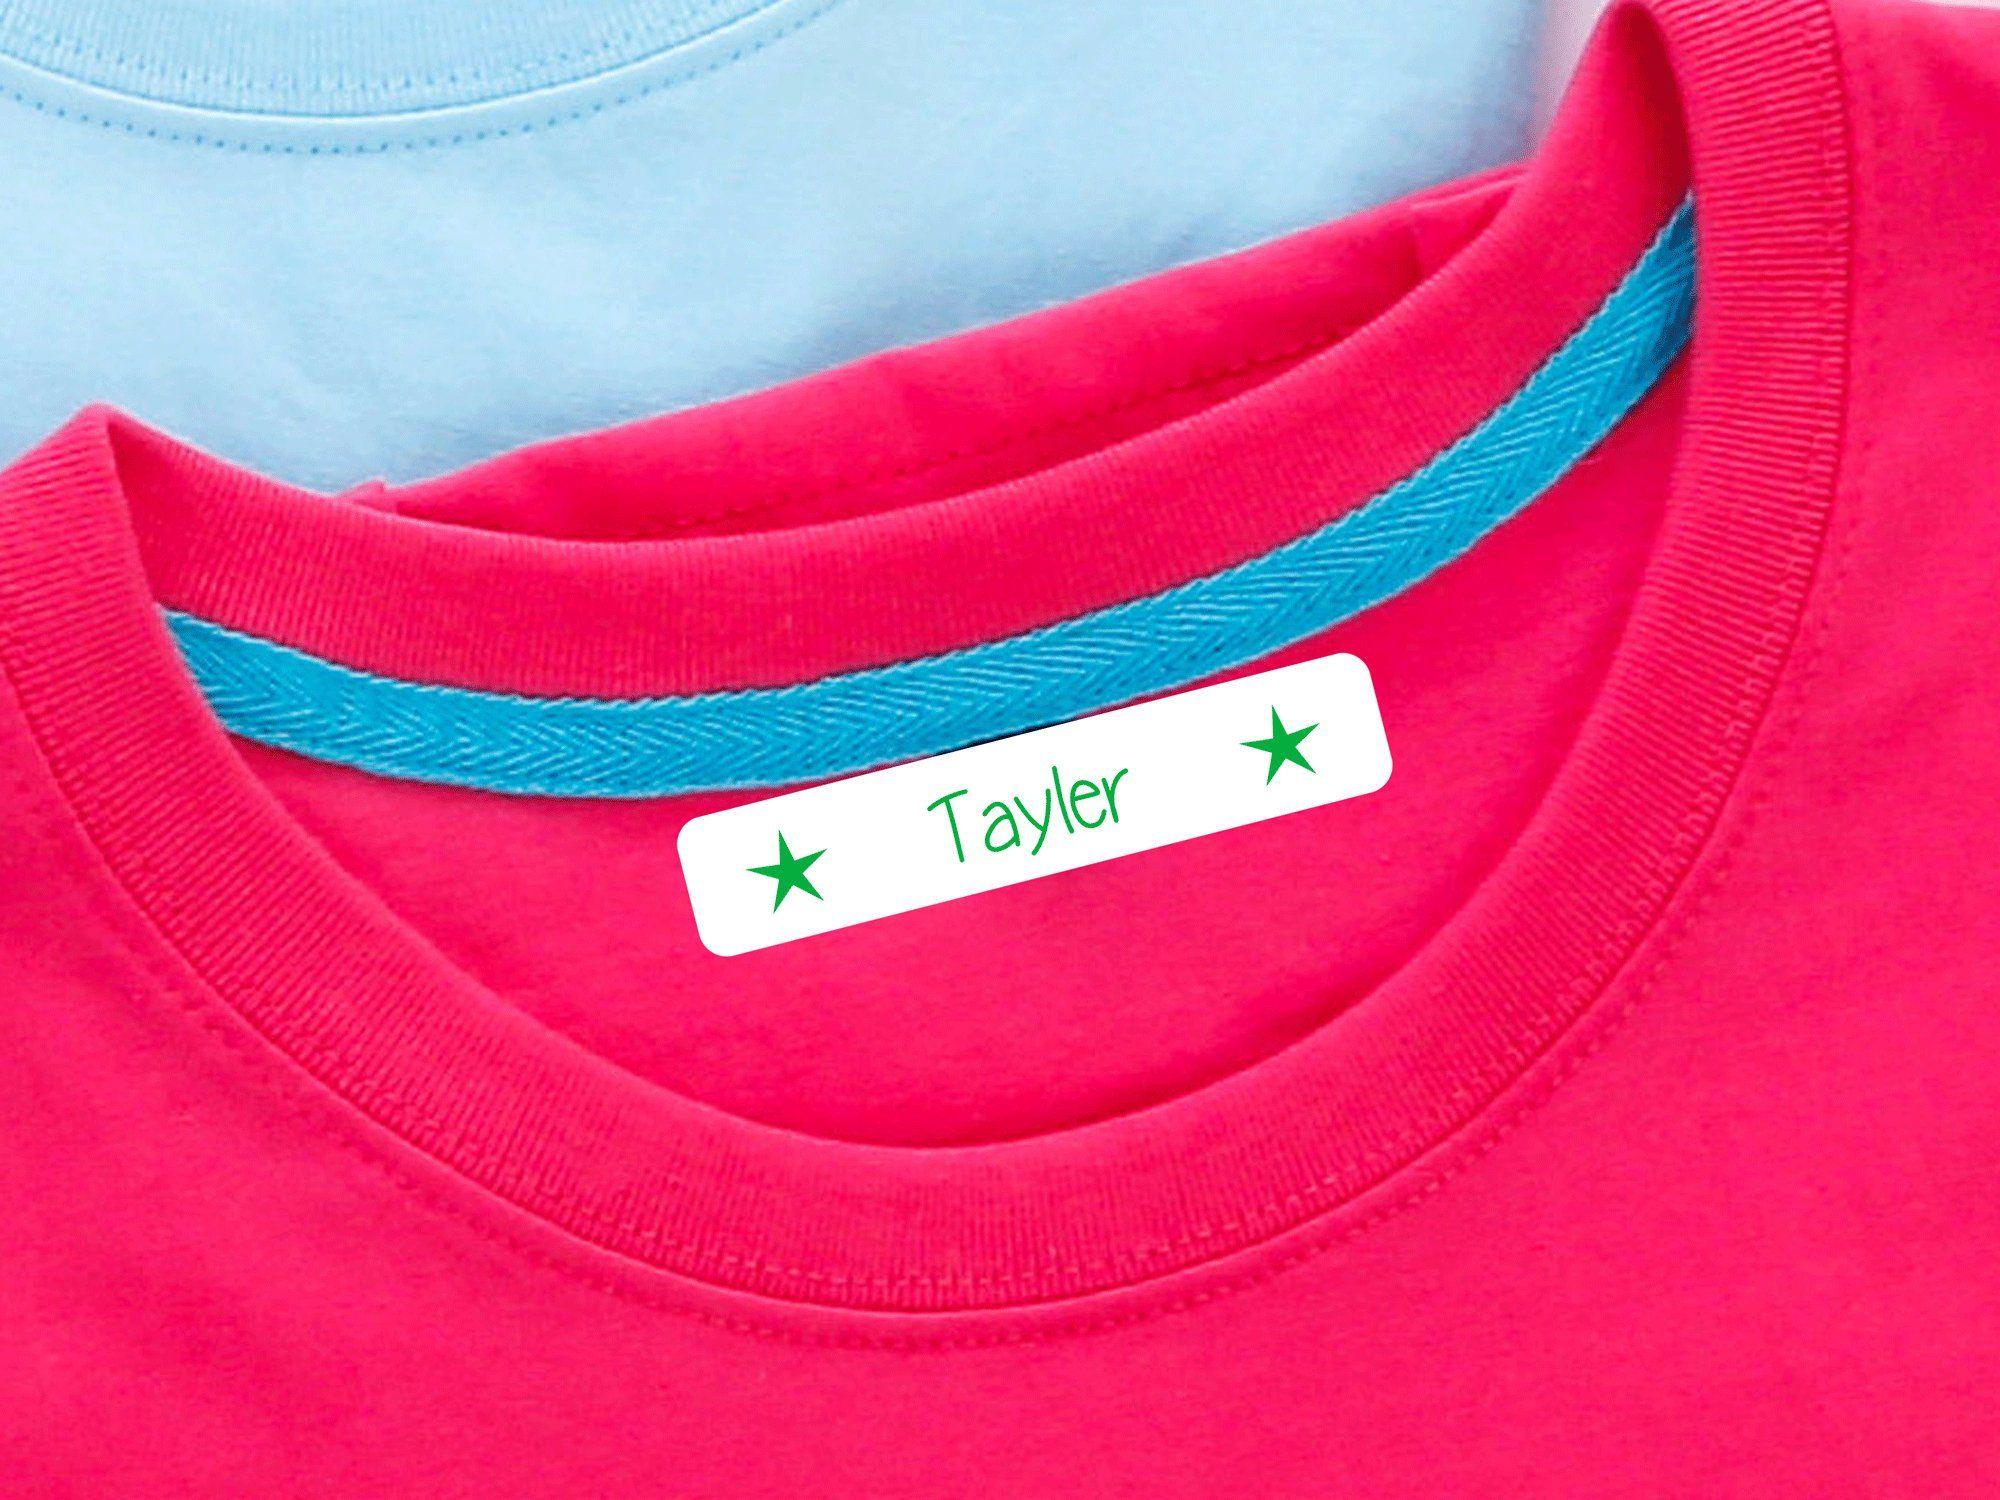 Wäscheetiketten Namensetiketten aufbügeln bügeln einbügeln Namenschilder